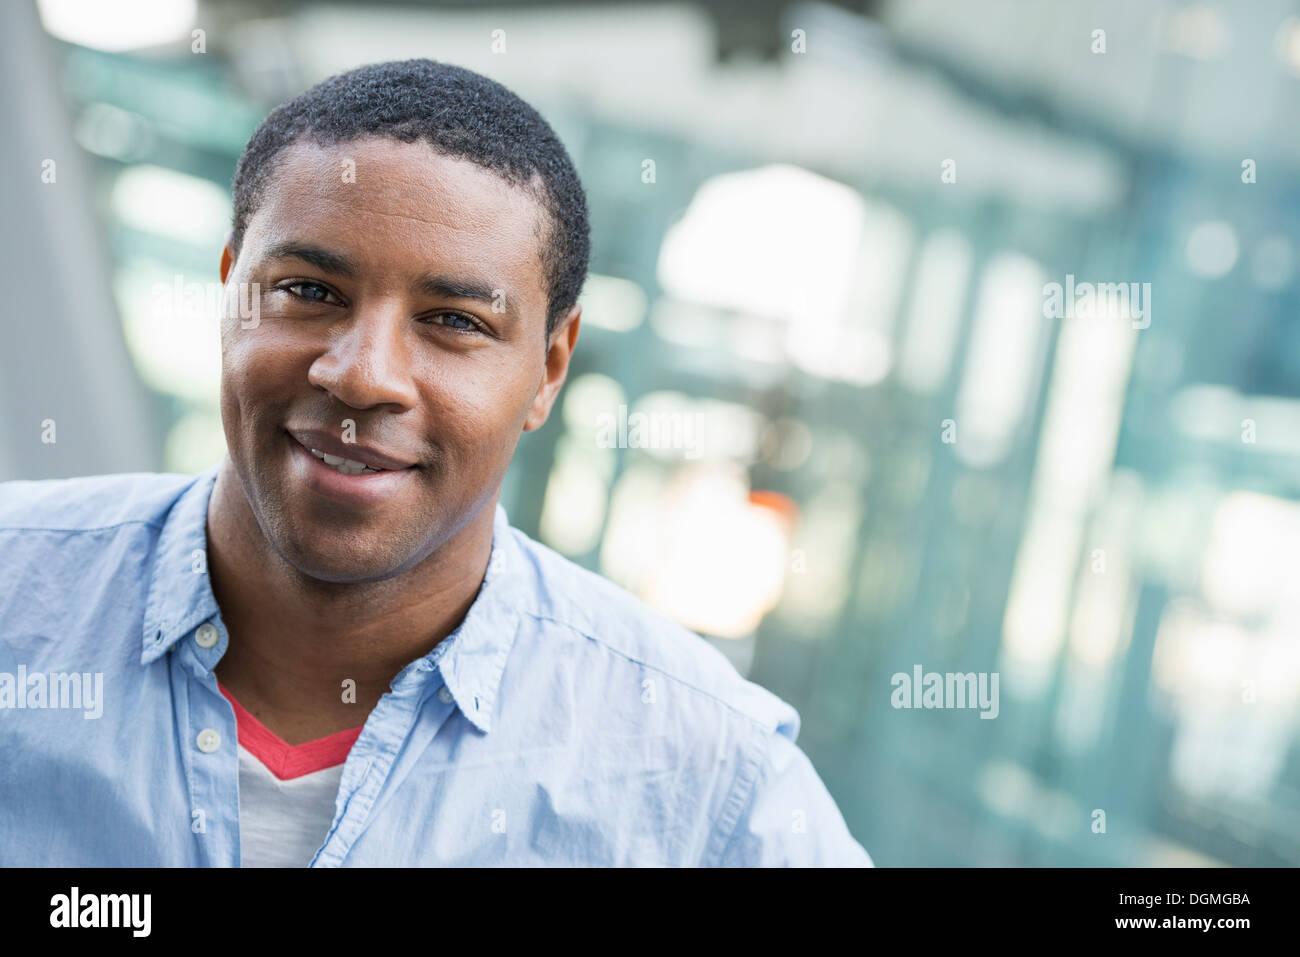 El verano en la ciudad. La gente de negocios de ropa informal. Un hombre hermoso en una camisa azul. Imagen De Stock